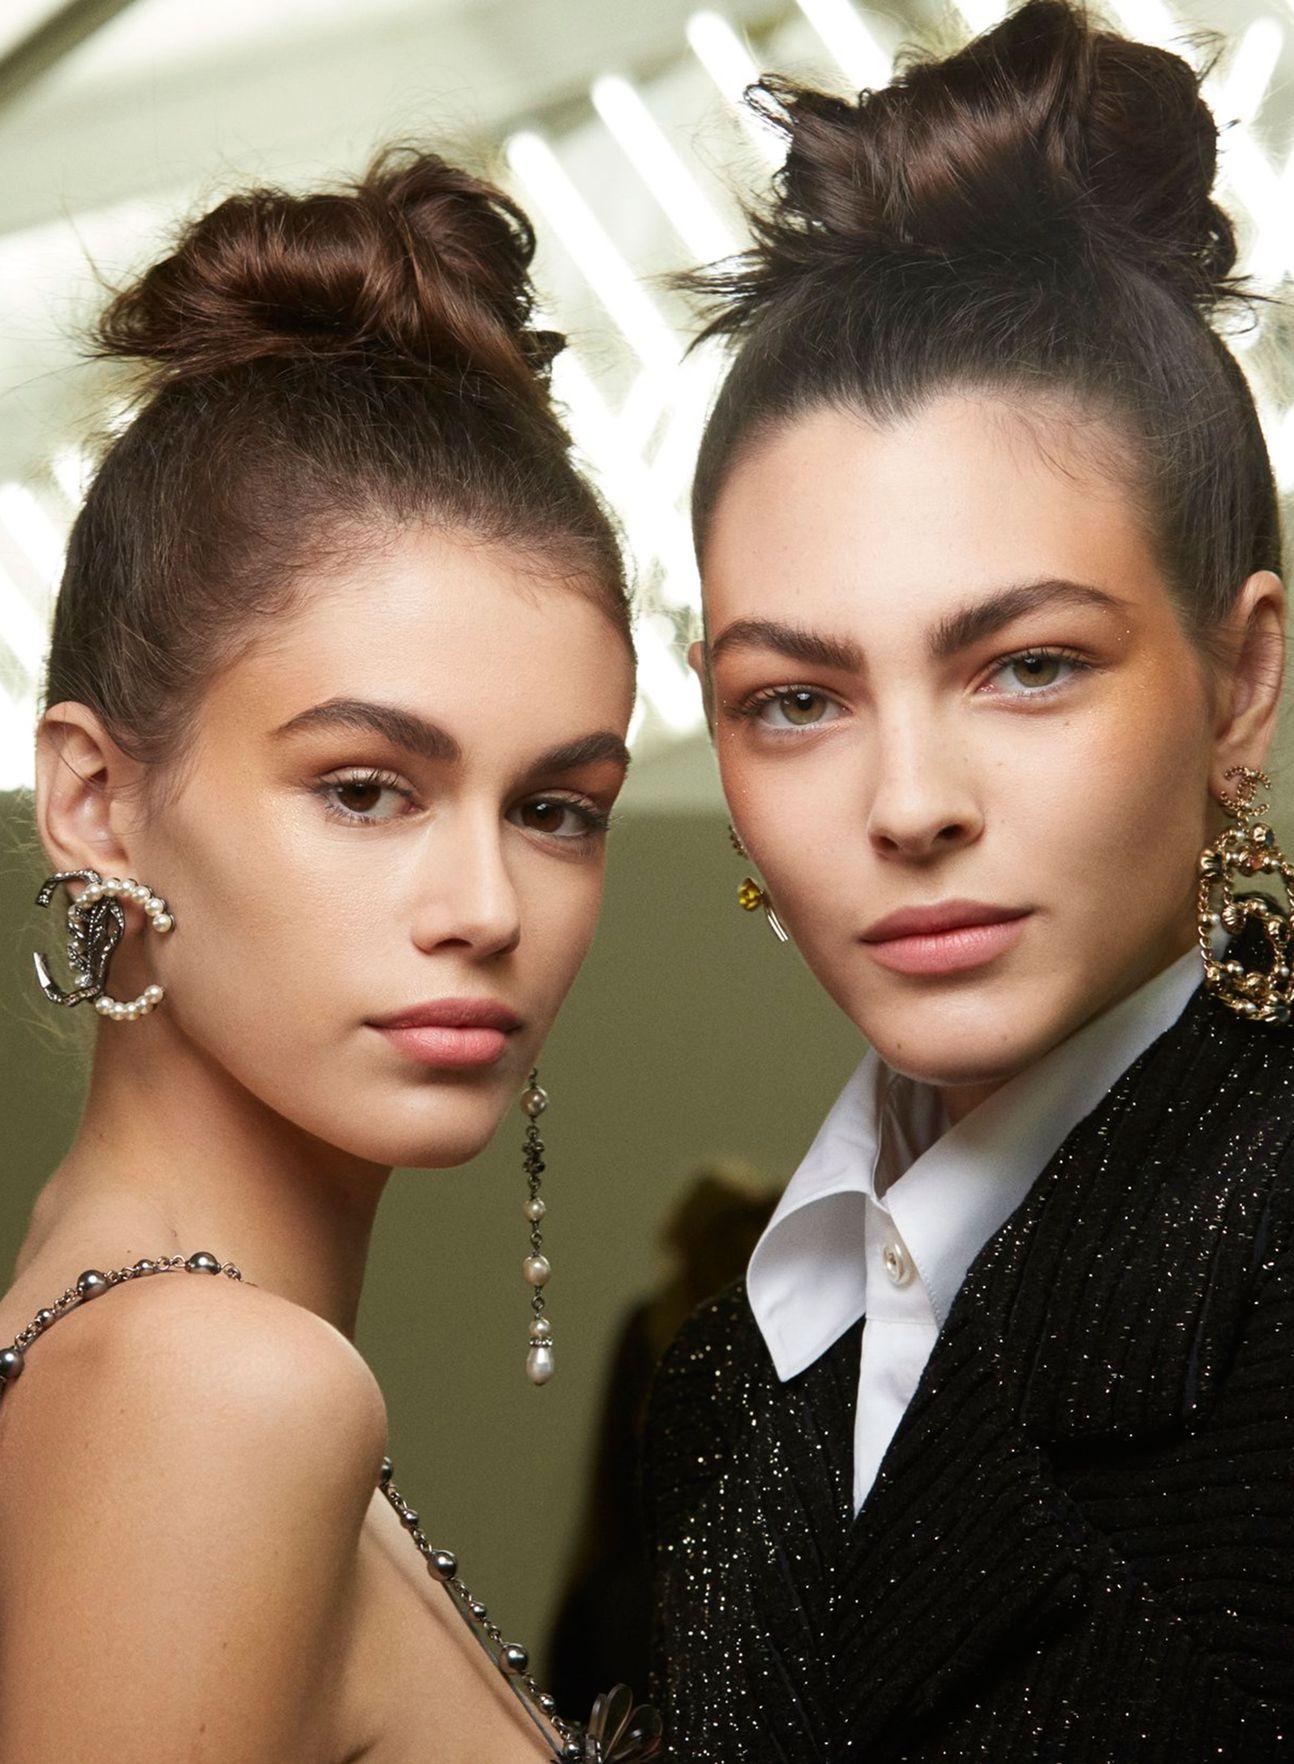 Chanel hohe Hochsteckfrisuren Frisuren 2019 Winter